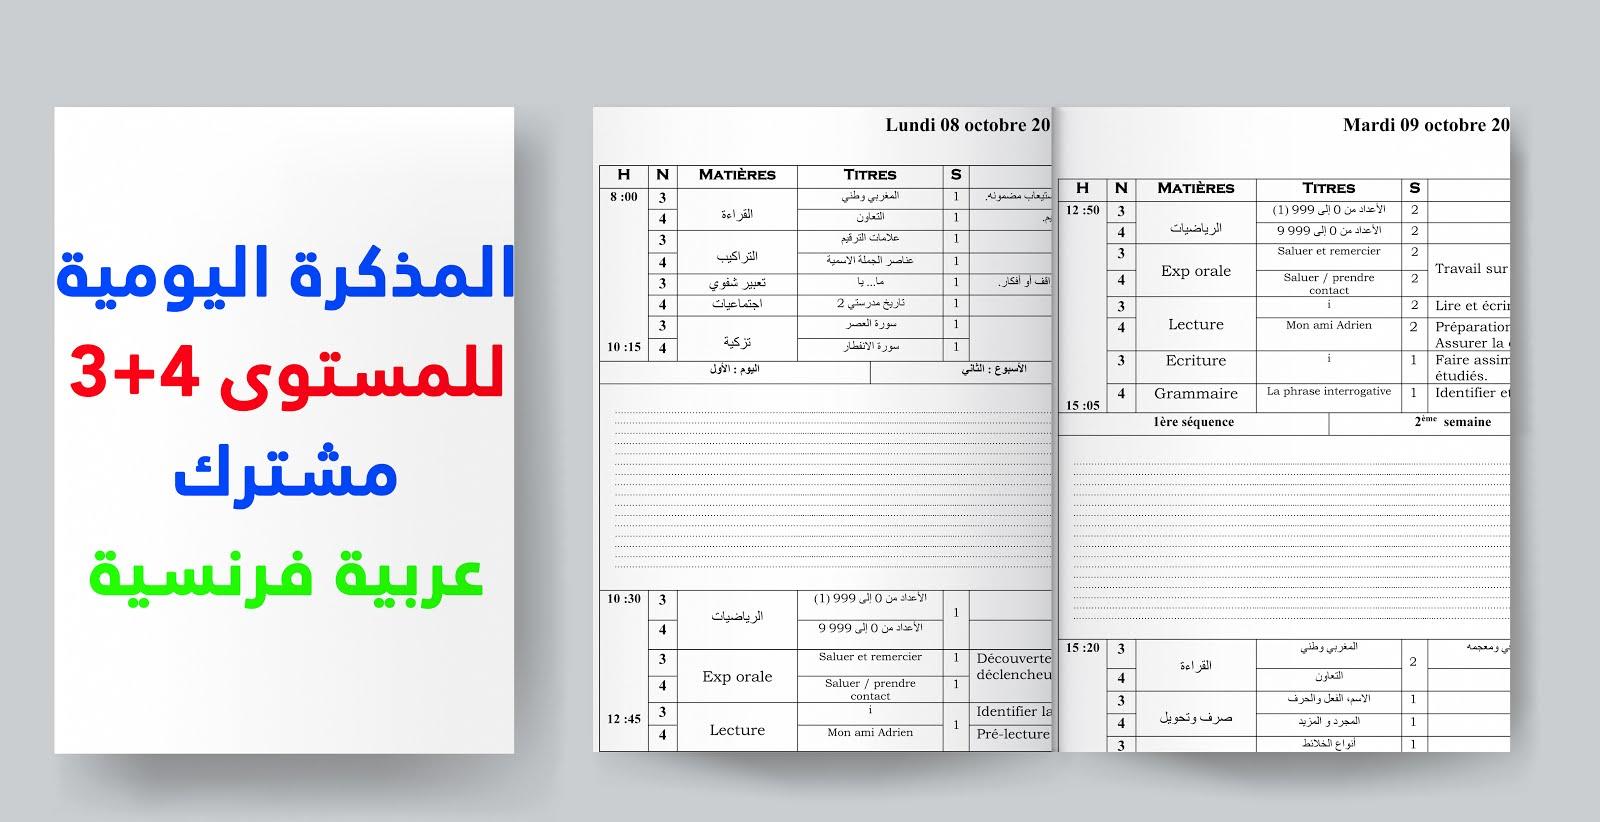 نموذج لطريقة ملء المذكرة اليومية للمستوى 3+4 مشترك عربية فرنسية وفق مستجدات المنهاج المنقح